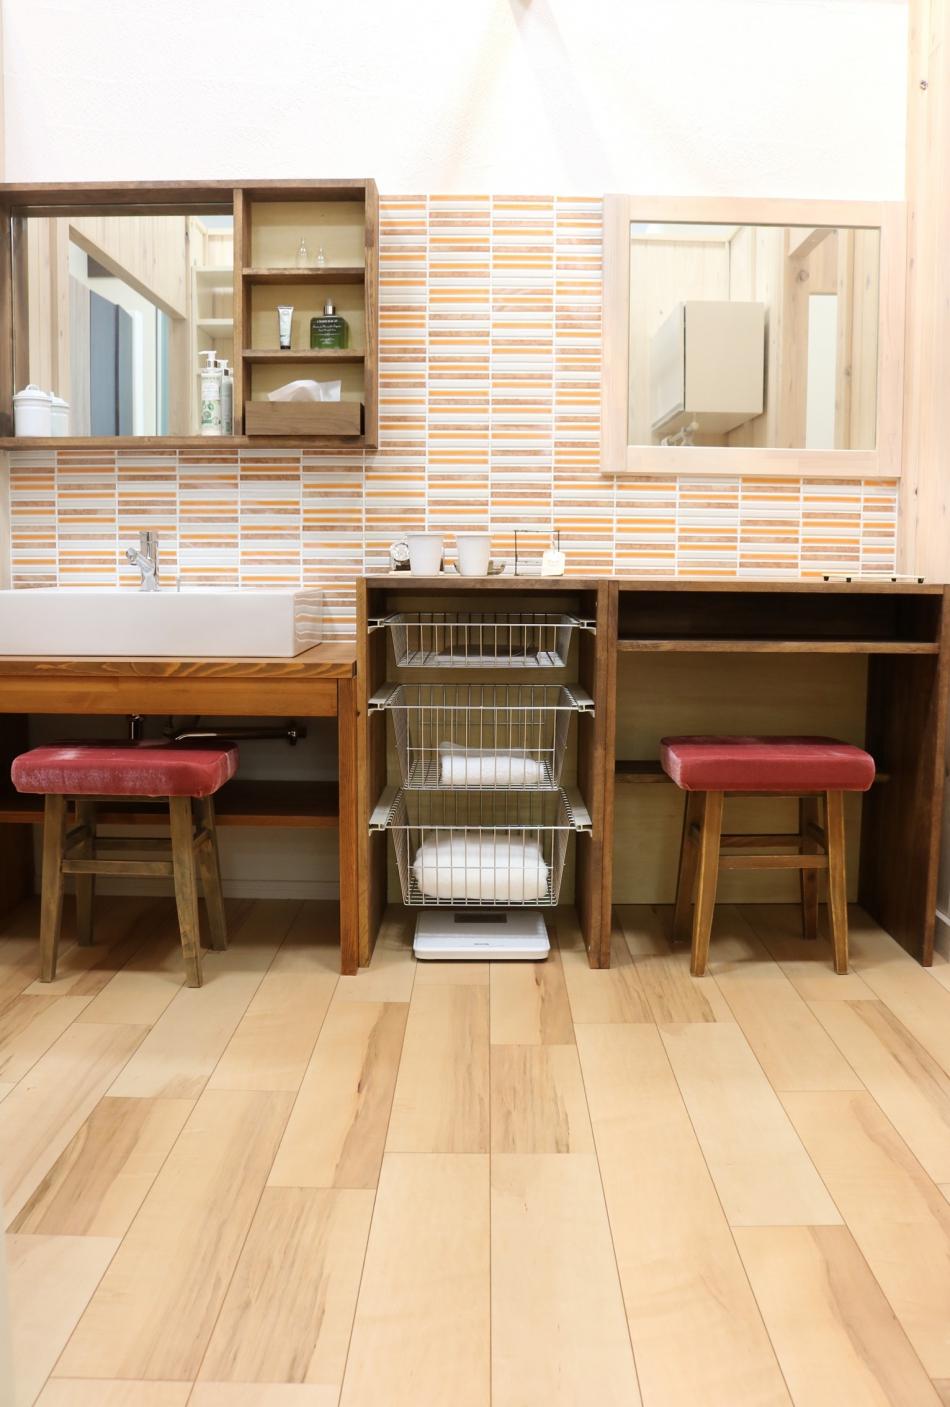 オリジナルの洗面台なども造作している提案型のショールームです